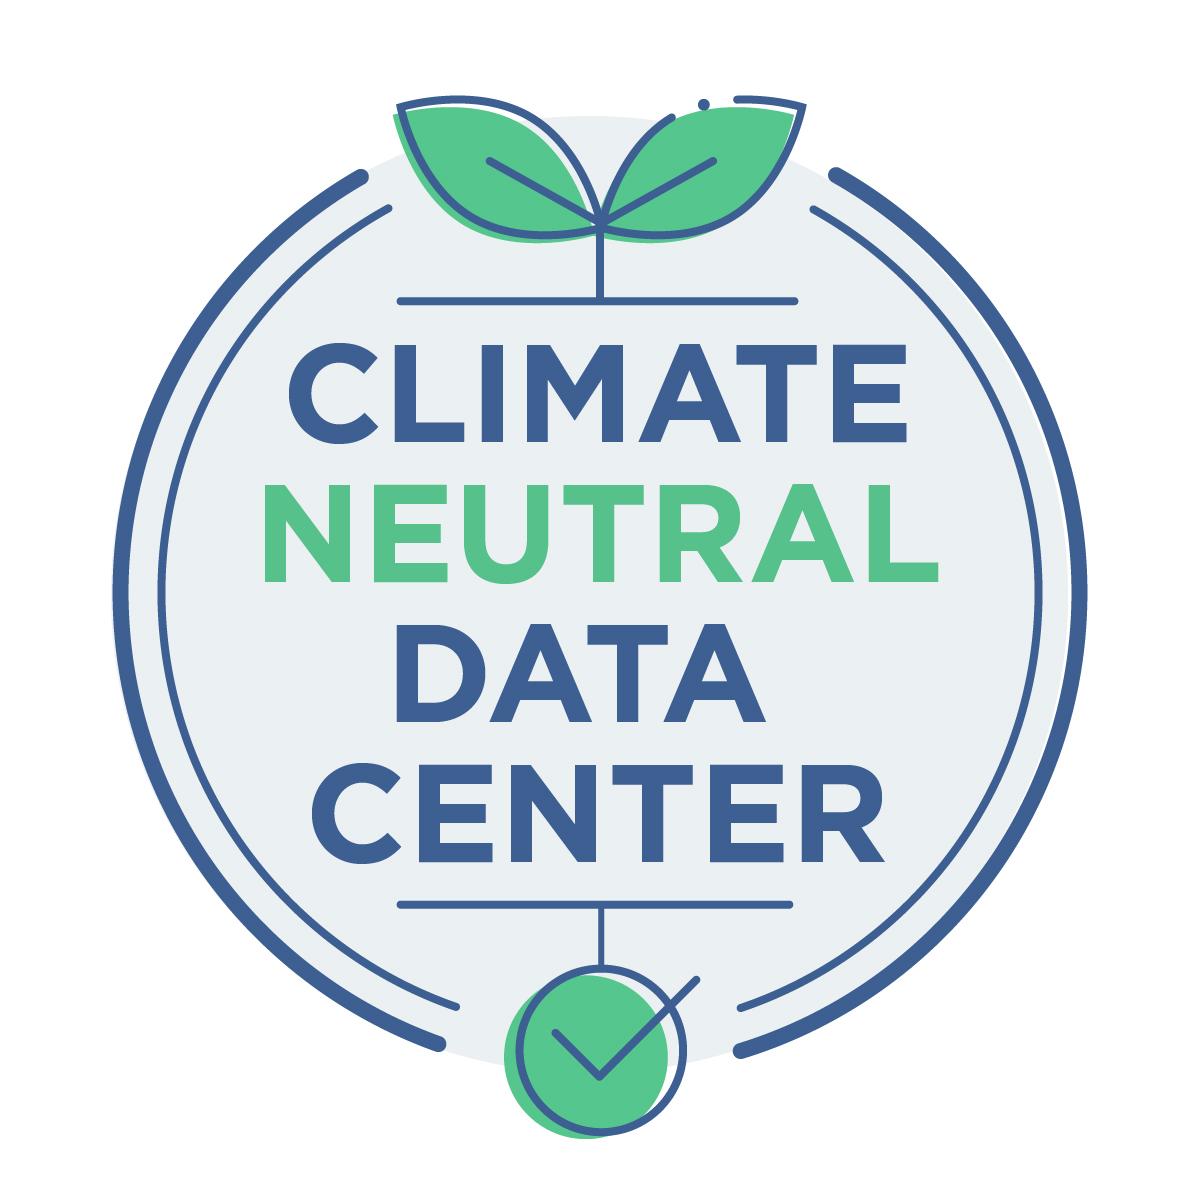 I principali attori dell'industria del cloud firmano un patto per la neutralità climatica dei data center